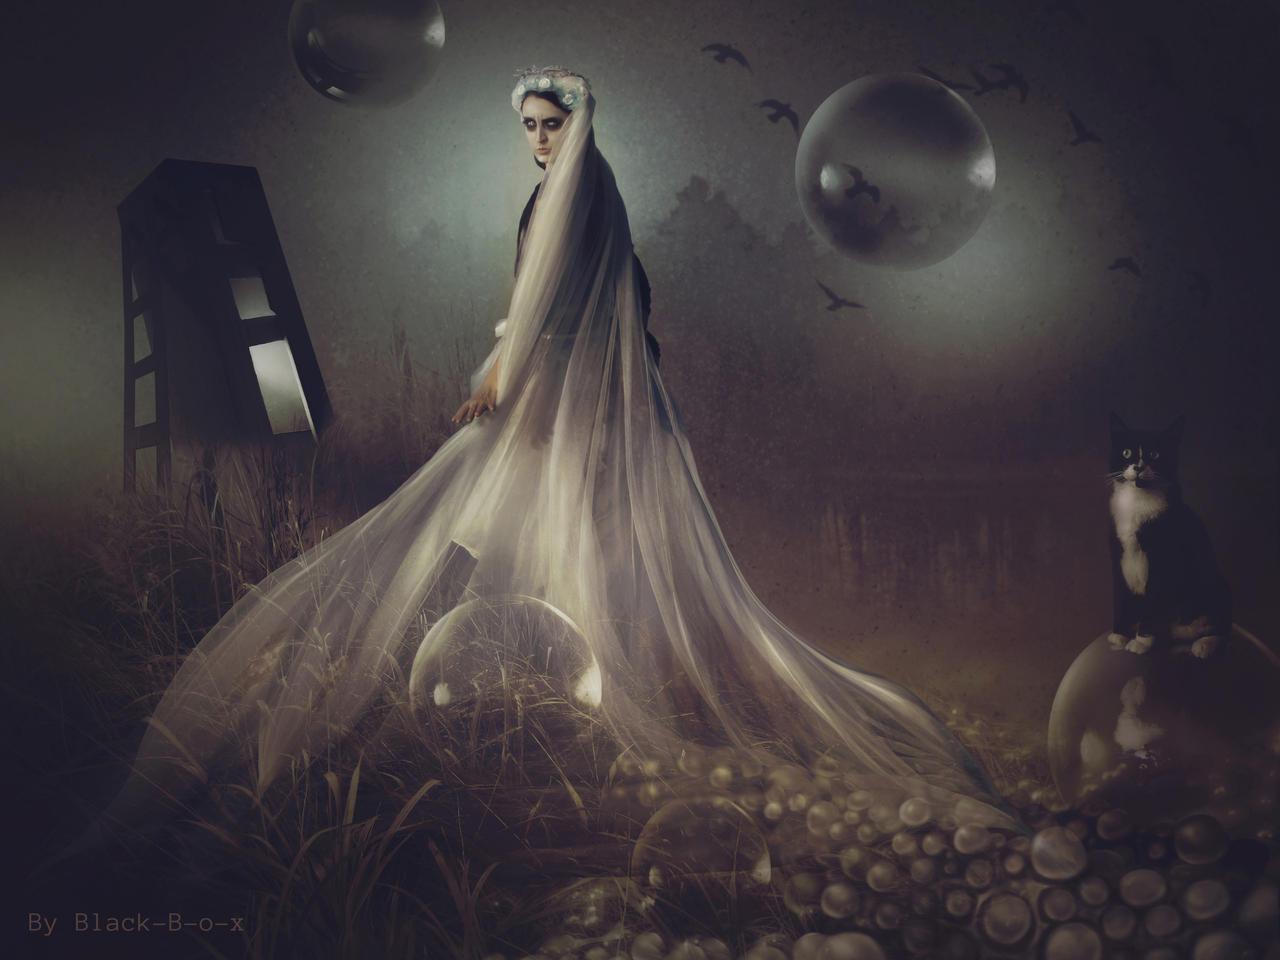 Forgotten Bride by Black-B-o-x